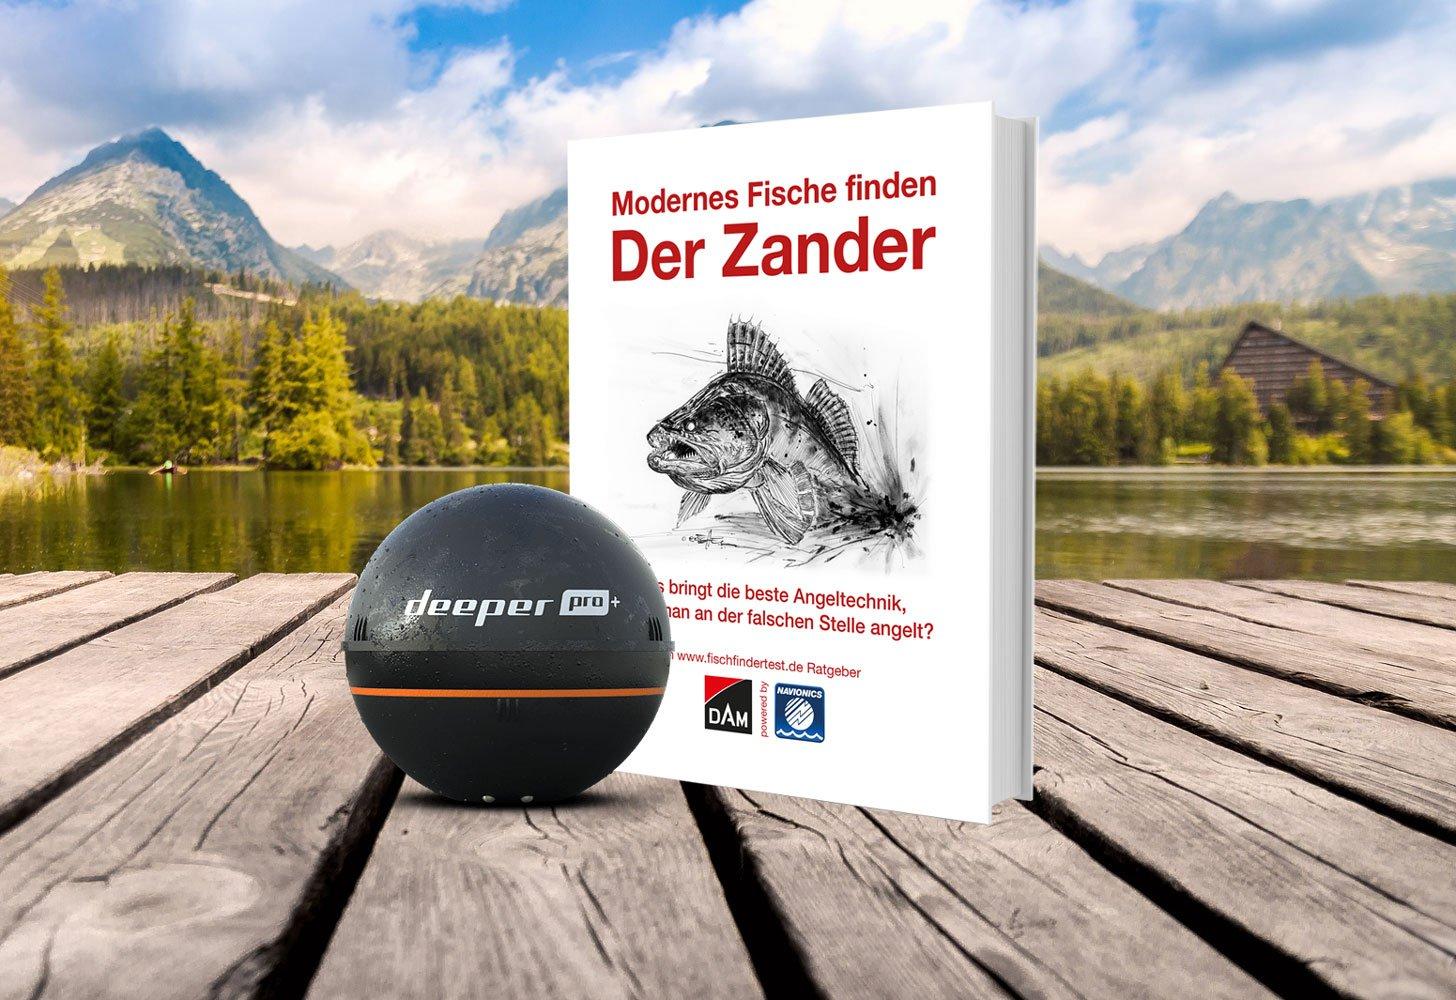 """DEEPER Pro Plus & dazu geschenkt """"Modernes Fische finden – Der Zander"""" * ☀️☀️☀️ Sommerferien-Special!"""